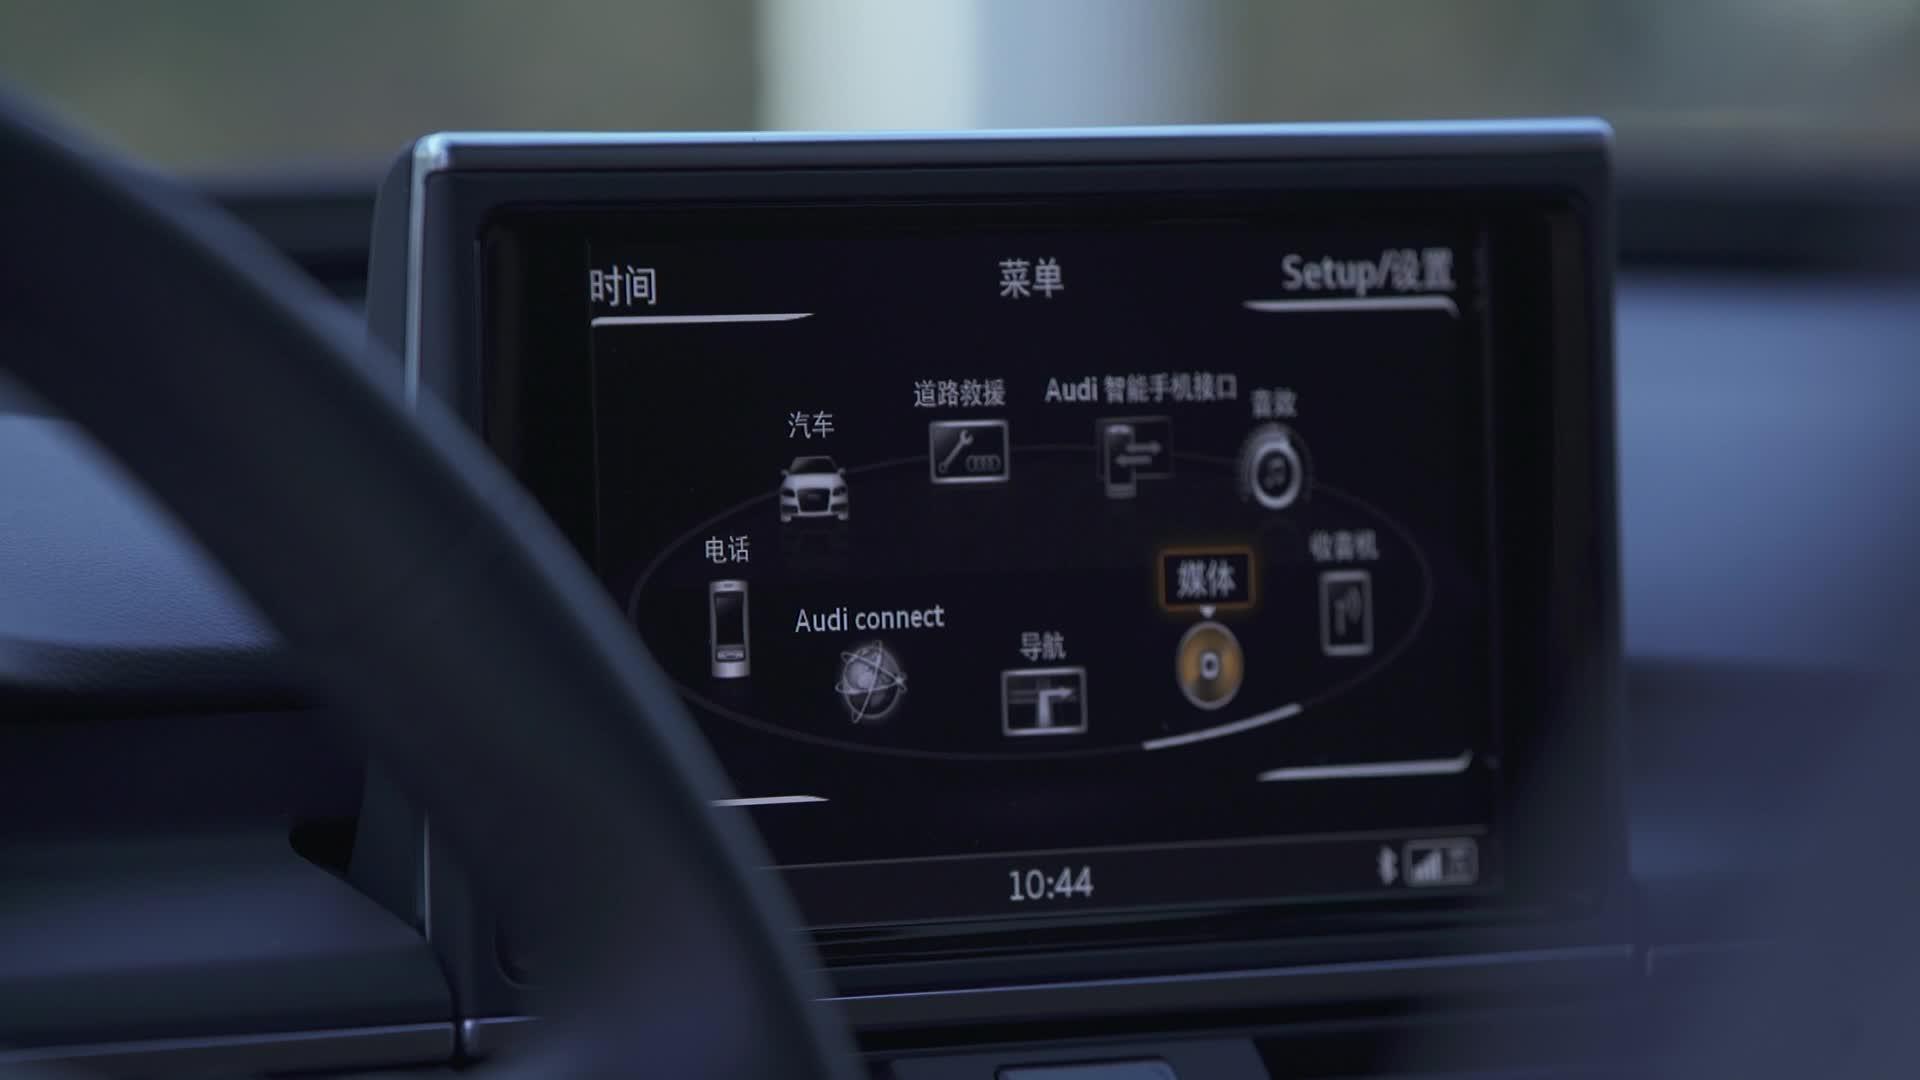 2017款大红鹰娱乐A6L TFSI技术型 车辆展示